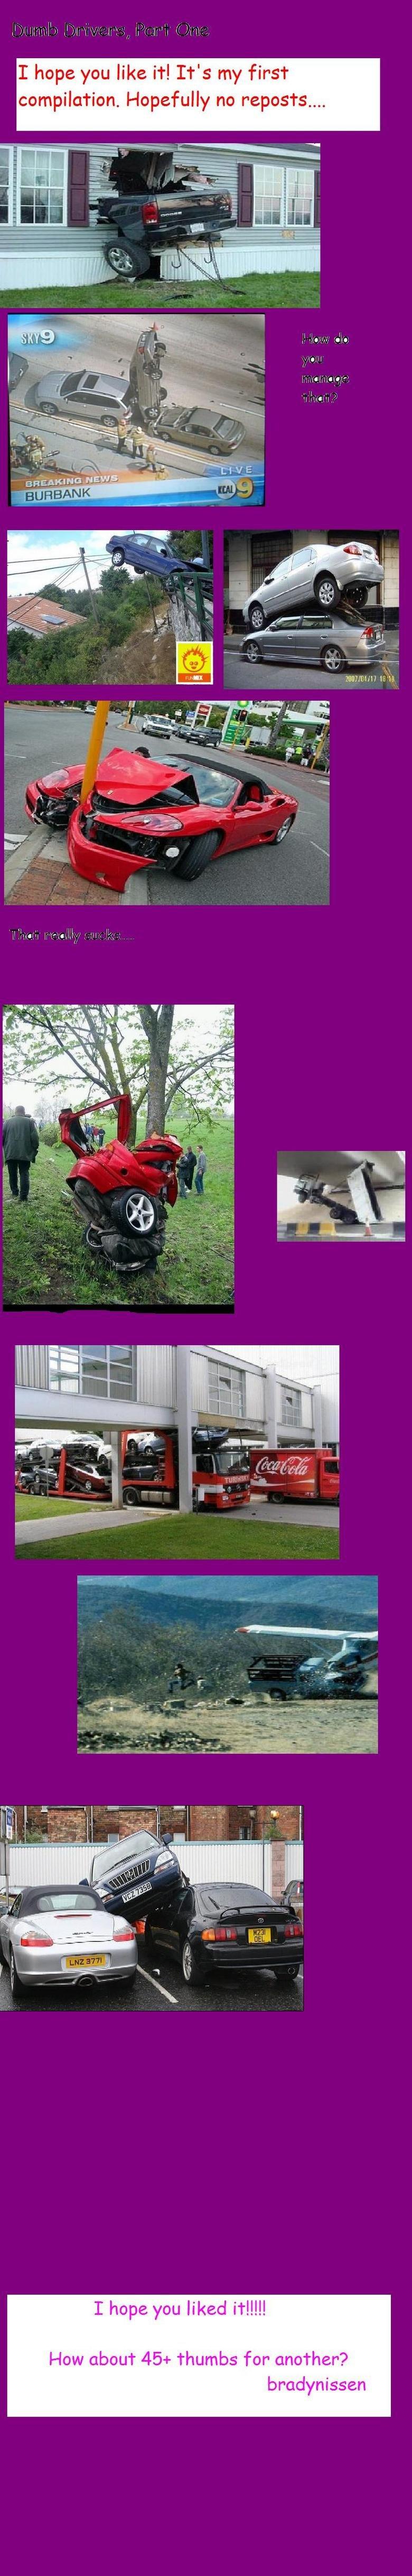 Funny car crashes.. I hope you like!<br /> /funny_pictures/457414/I+hope+this+cl.... I hope you like ll IT' S my first compilation. Hopefully no illain I  funny car crashes